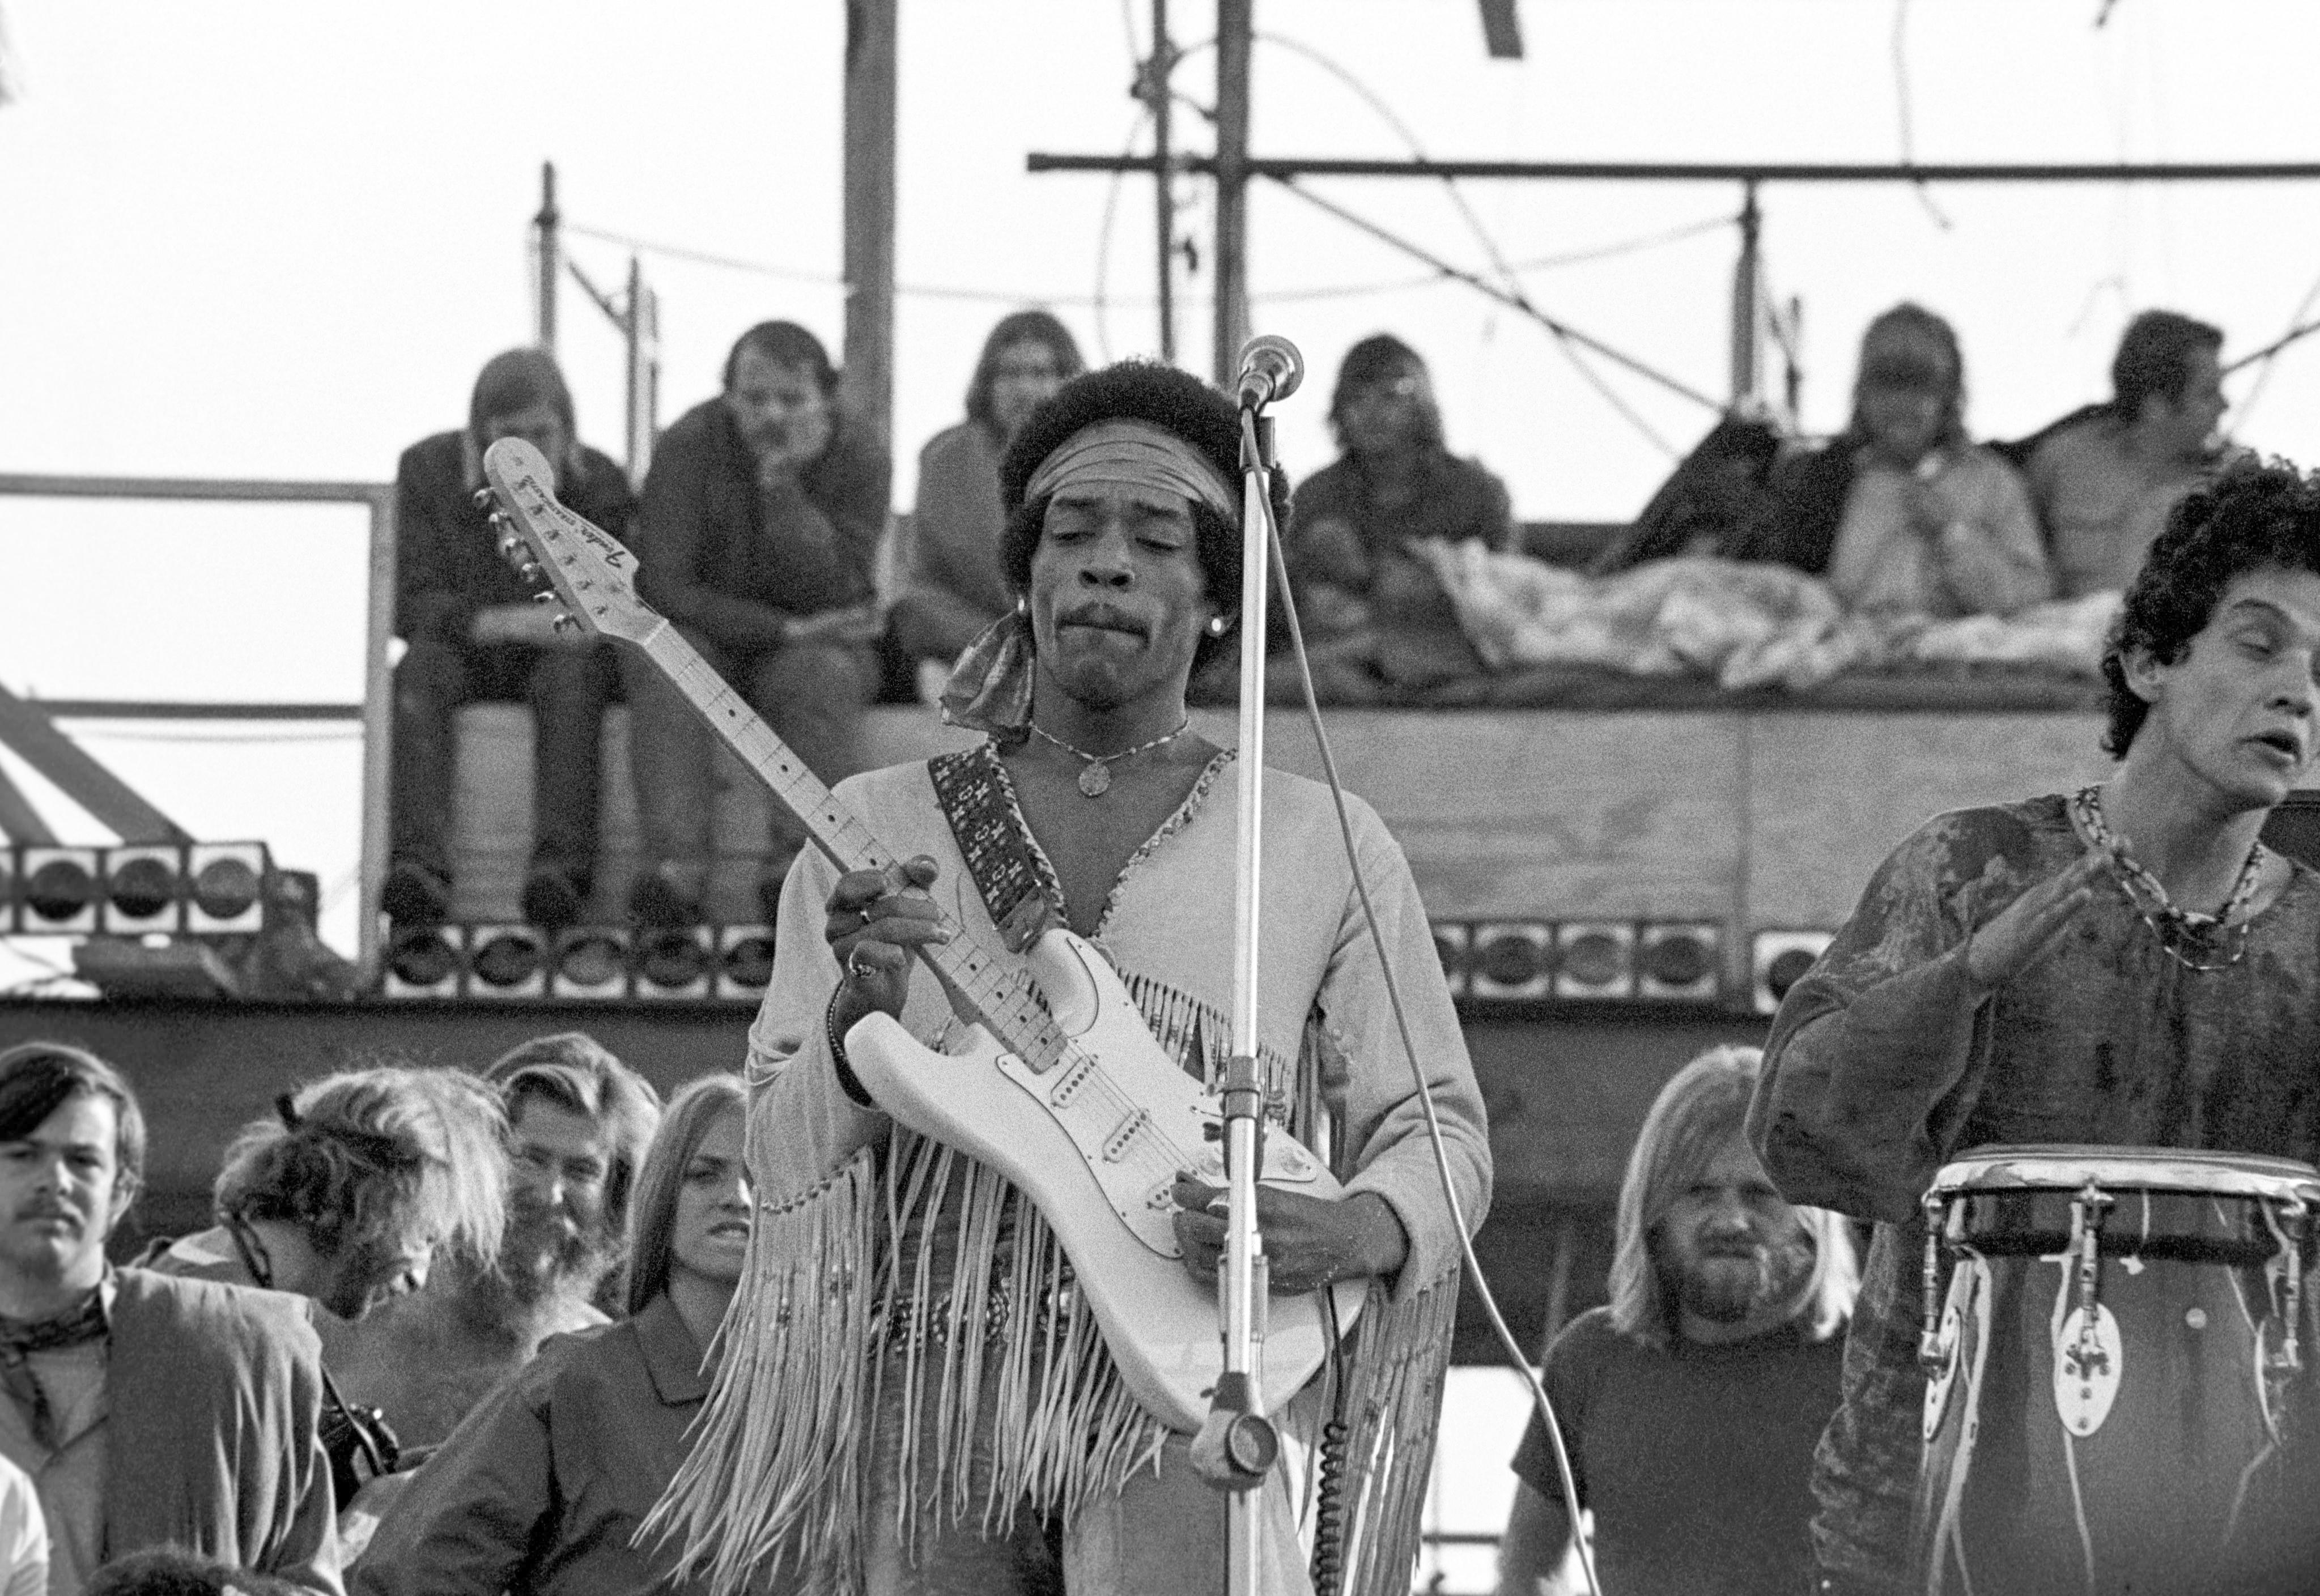 Jimi Hendrix plays at Woodstock.